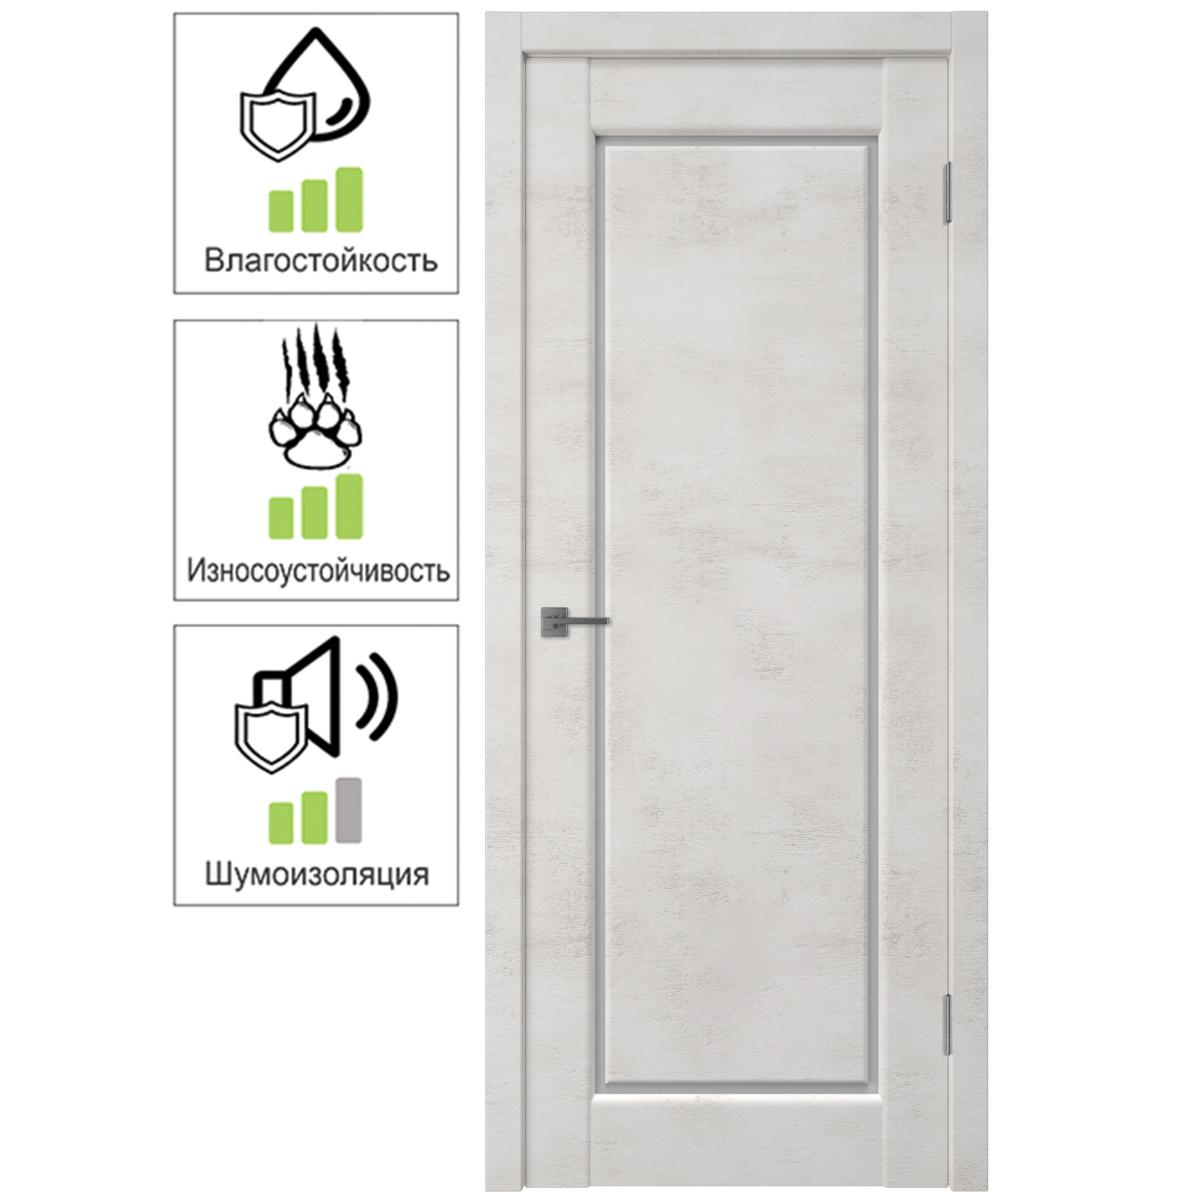 Дверь межкомнатная остеклённая Манхэттен 1 с фурнитурой 70х200 см ПВХ цвет лофт крем